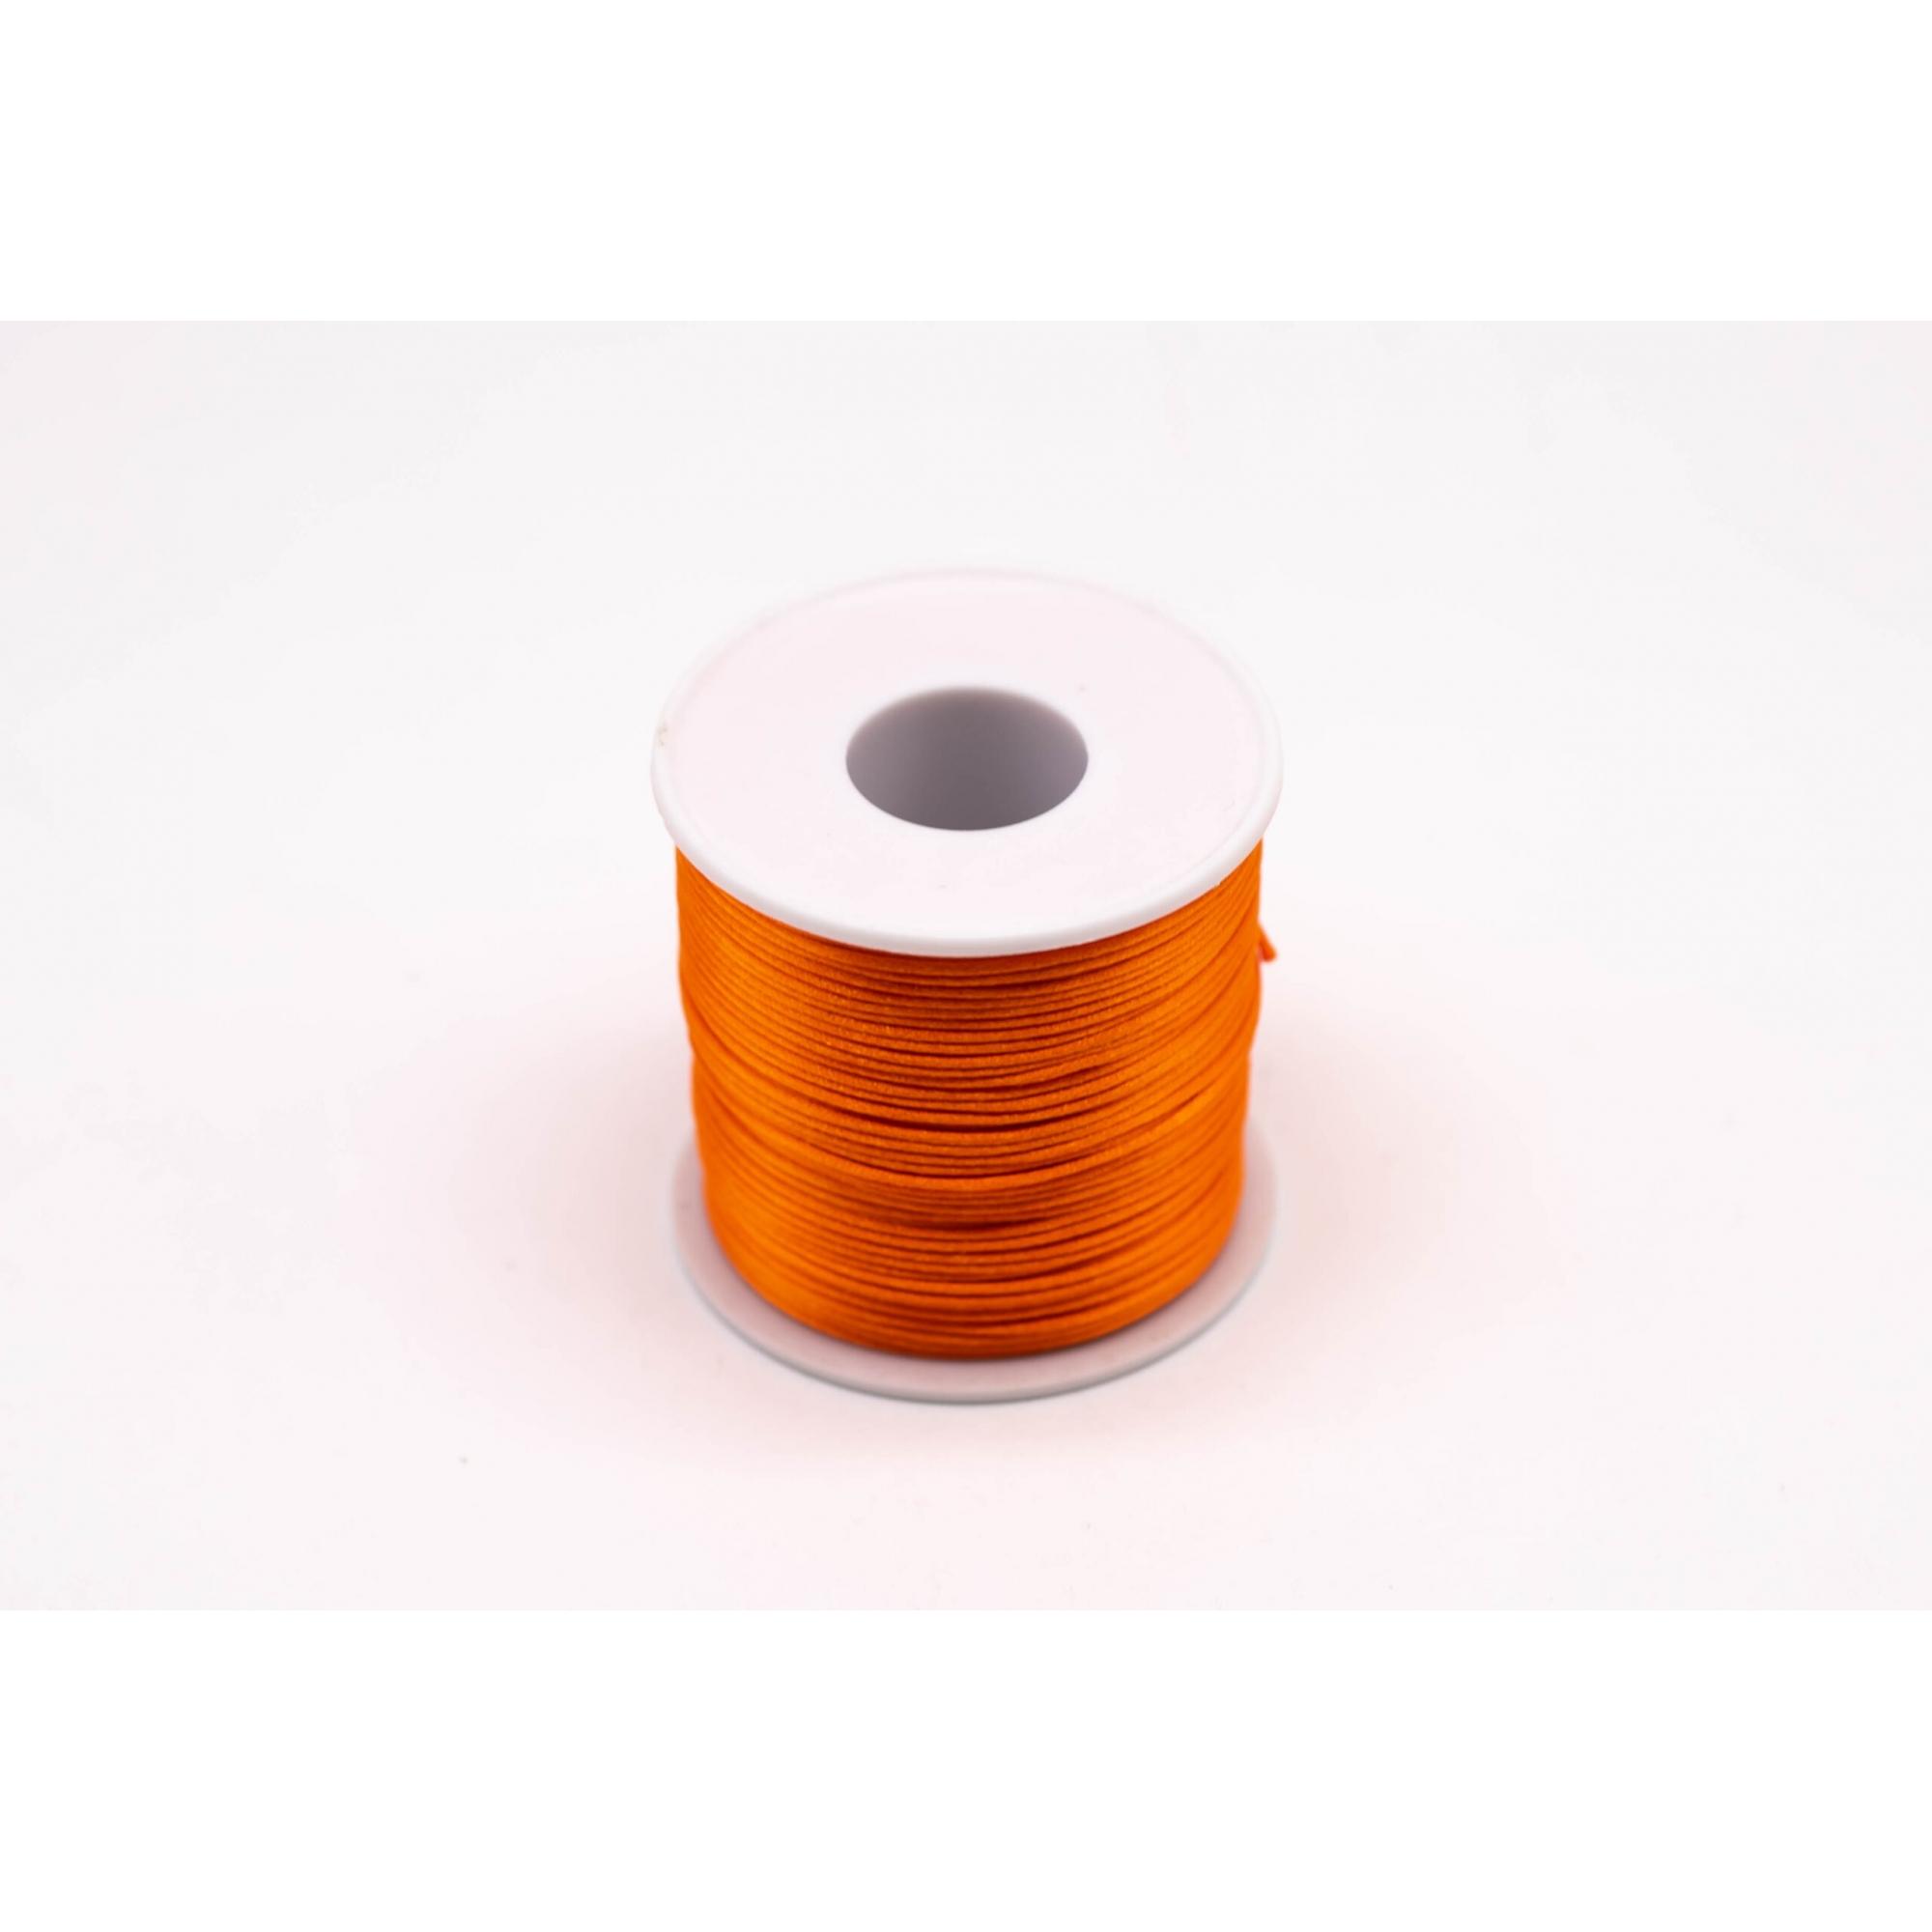 Fio de seda laranja c/ 10 metros 1mm